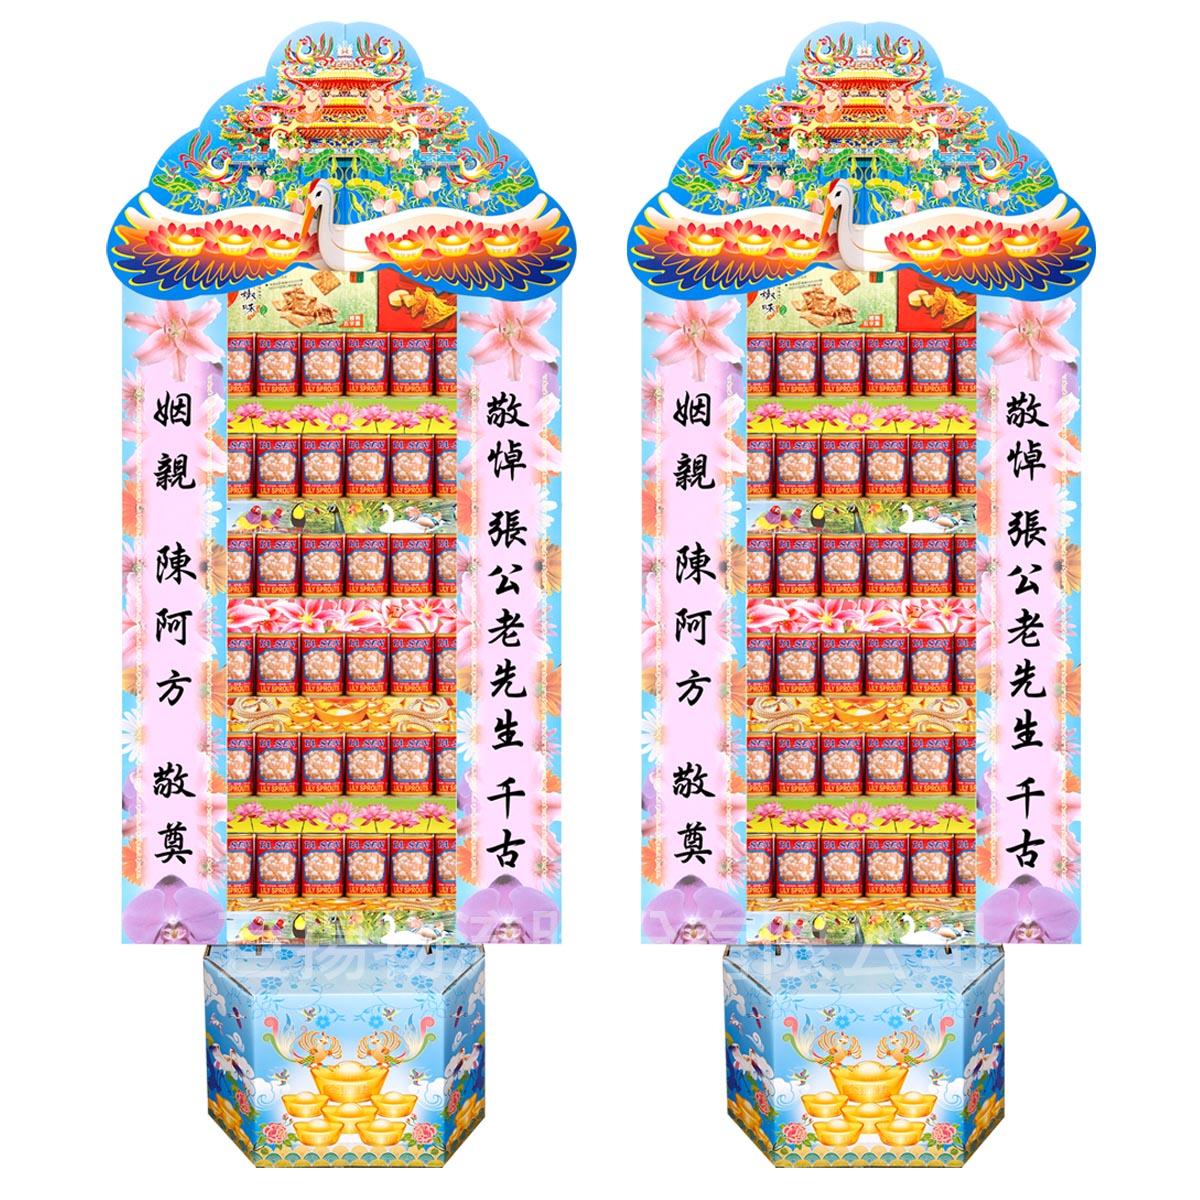 喪禮用罐頭塔-金針菇6x6 全素罐頭禮籃